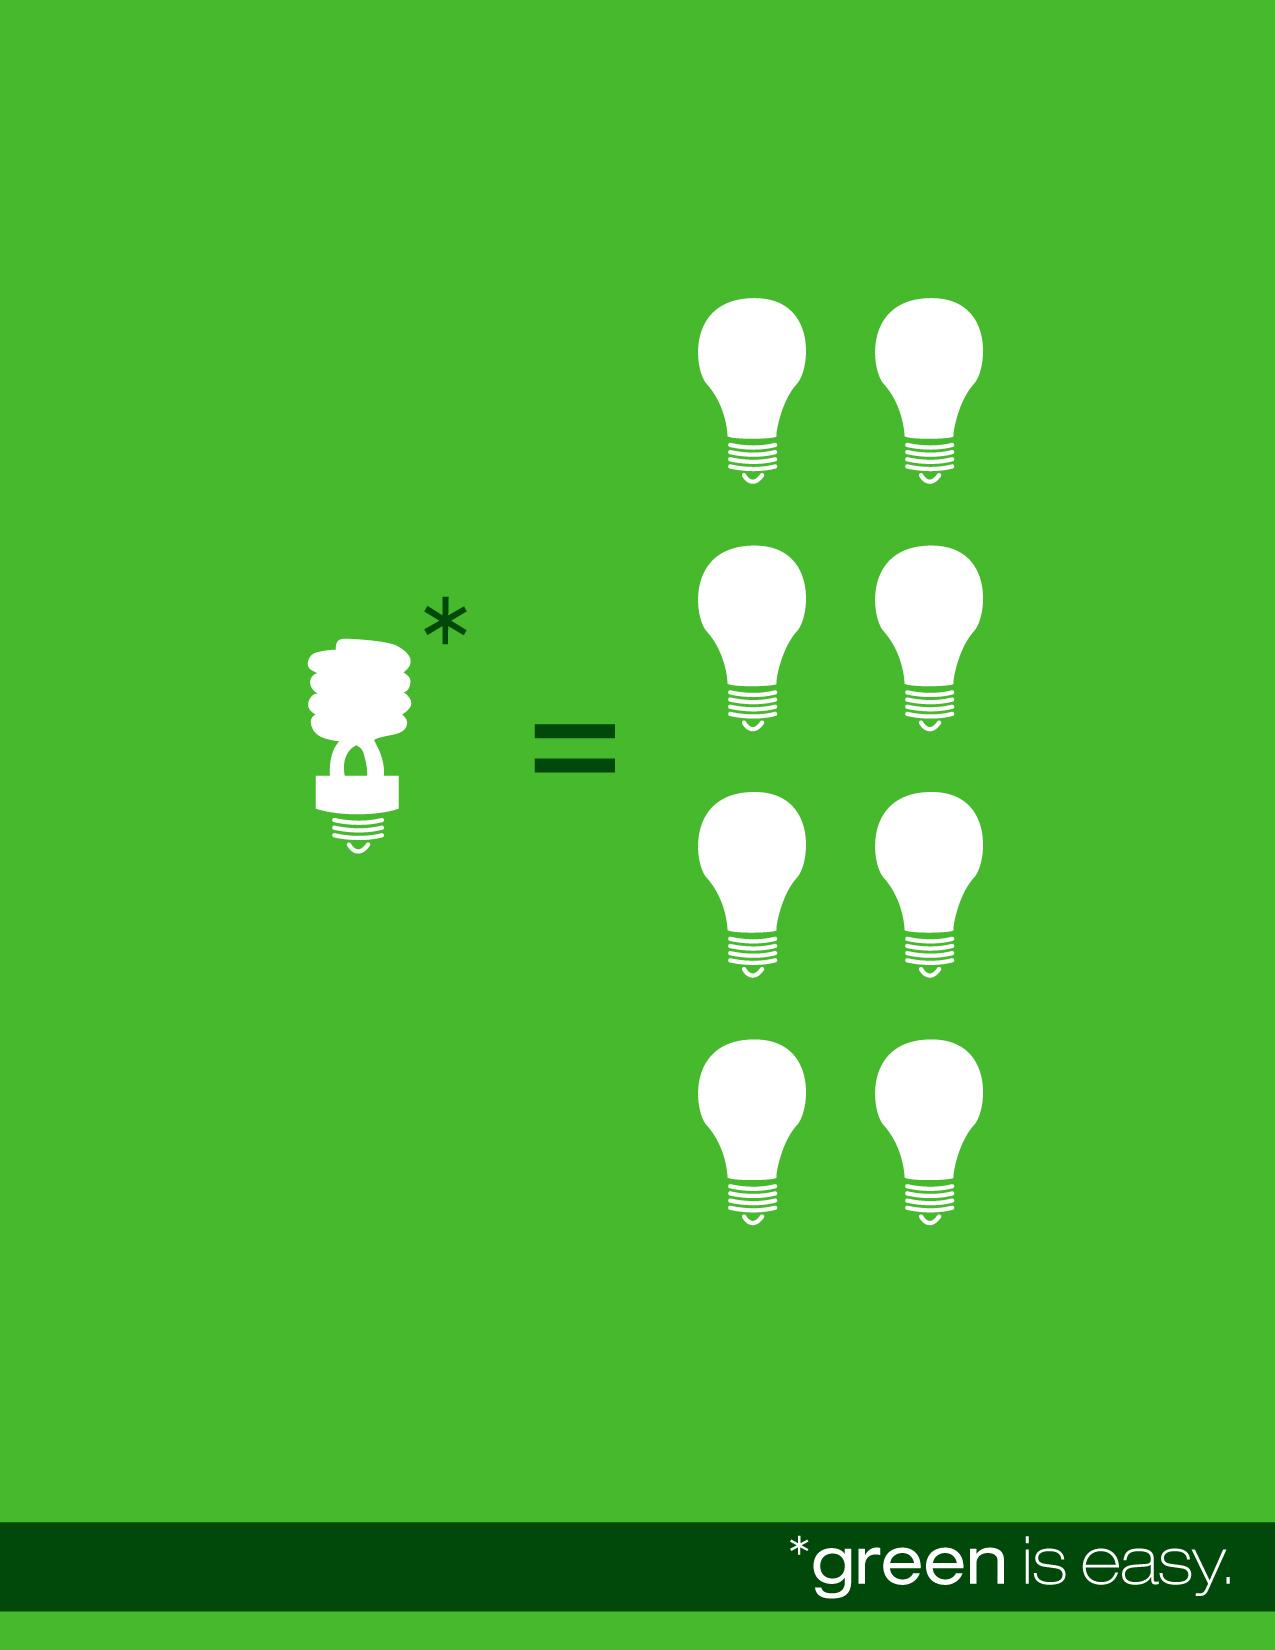 Zielony, to wręcz idealny kolor dla projektów związanych z ekologią